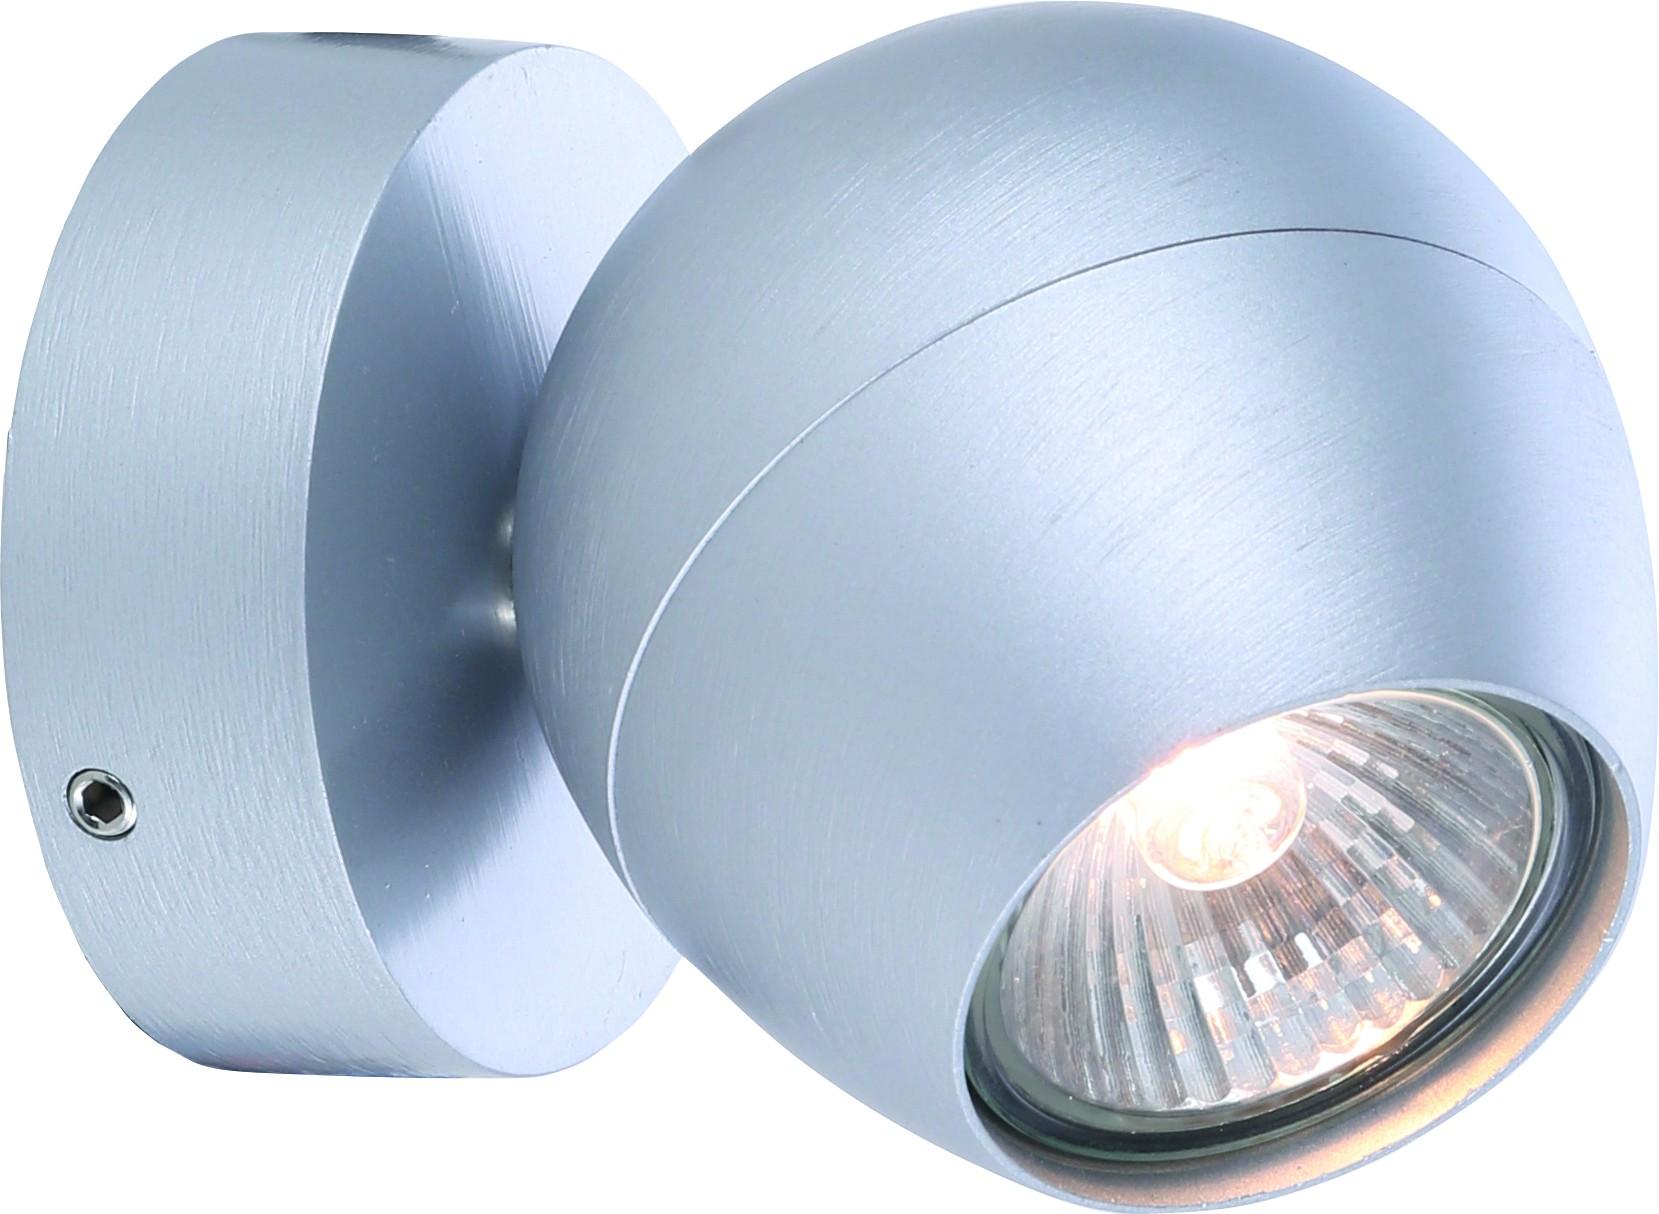 Спот Arte lamp A5781ap-1ss встраиваемый спот точечный светильник arte lamp accento a3219pl 1ss